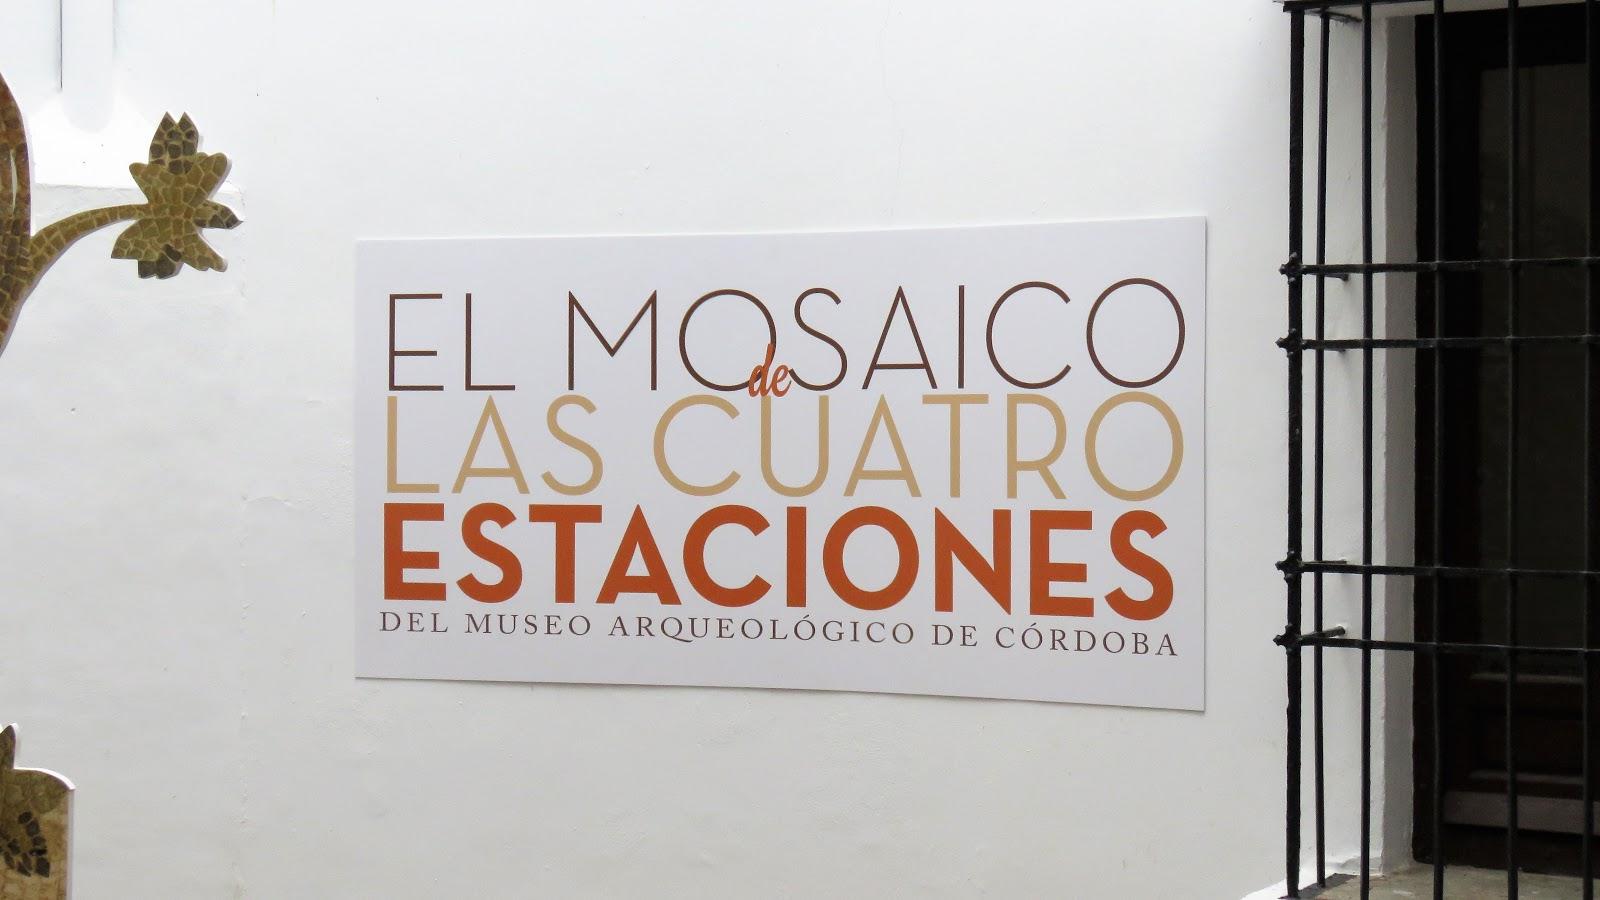 notas cordobesas: MOSAICO DE LAS CUATRO ESTACIONES, EXPOSICIÓN EN EL ...